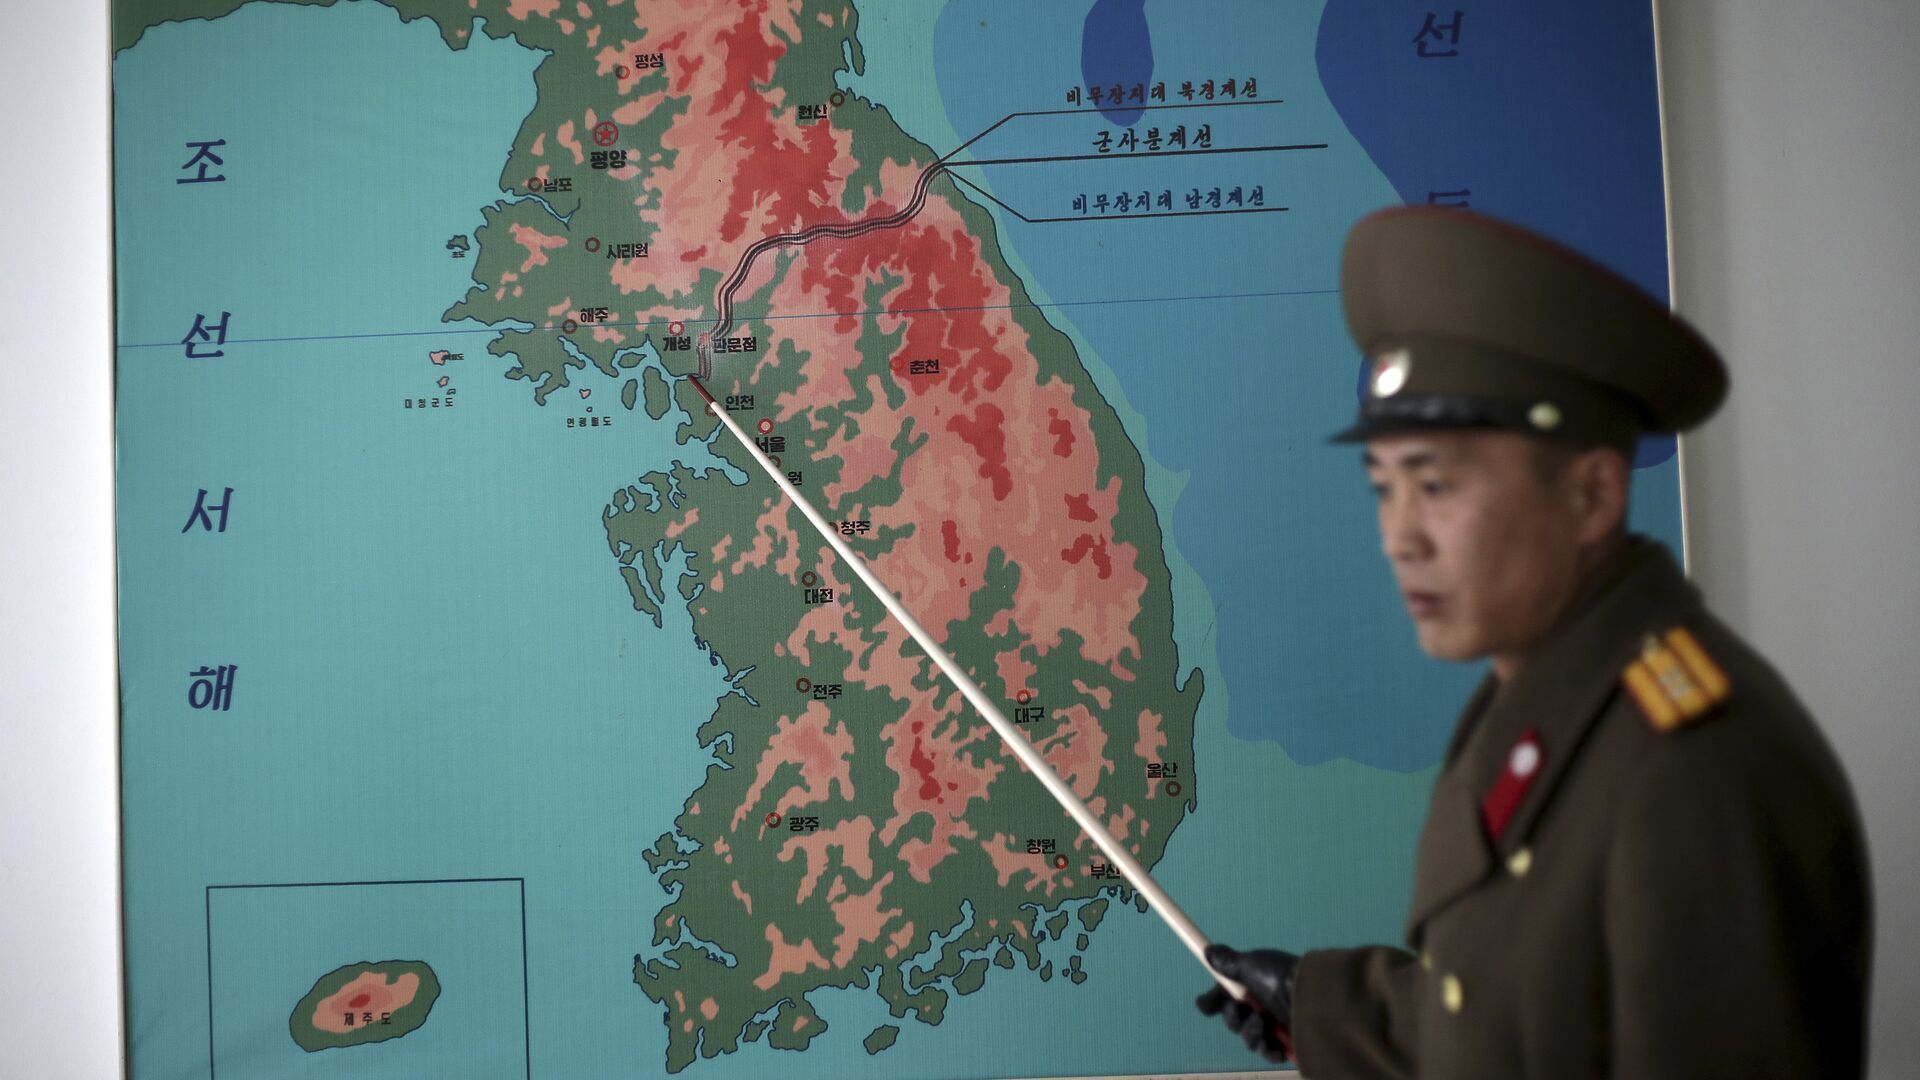 El mapa de la península de Corea - Sputnik Mundo, 1920, 03.10.2021